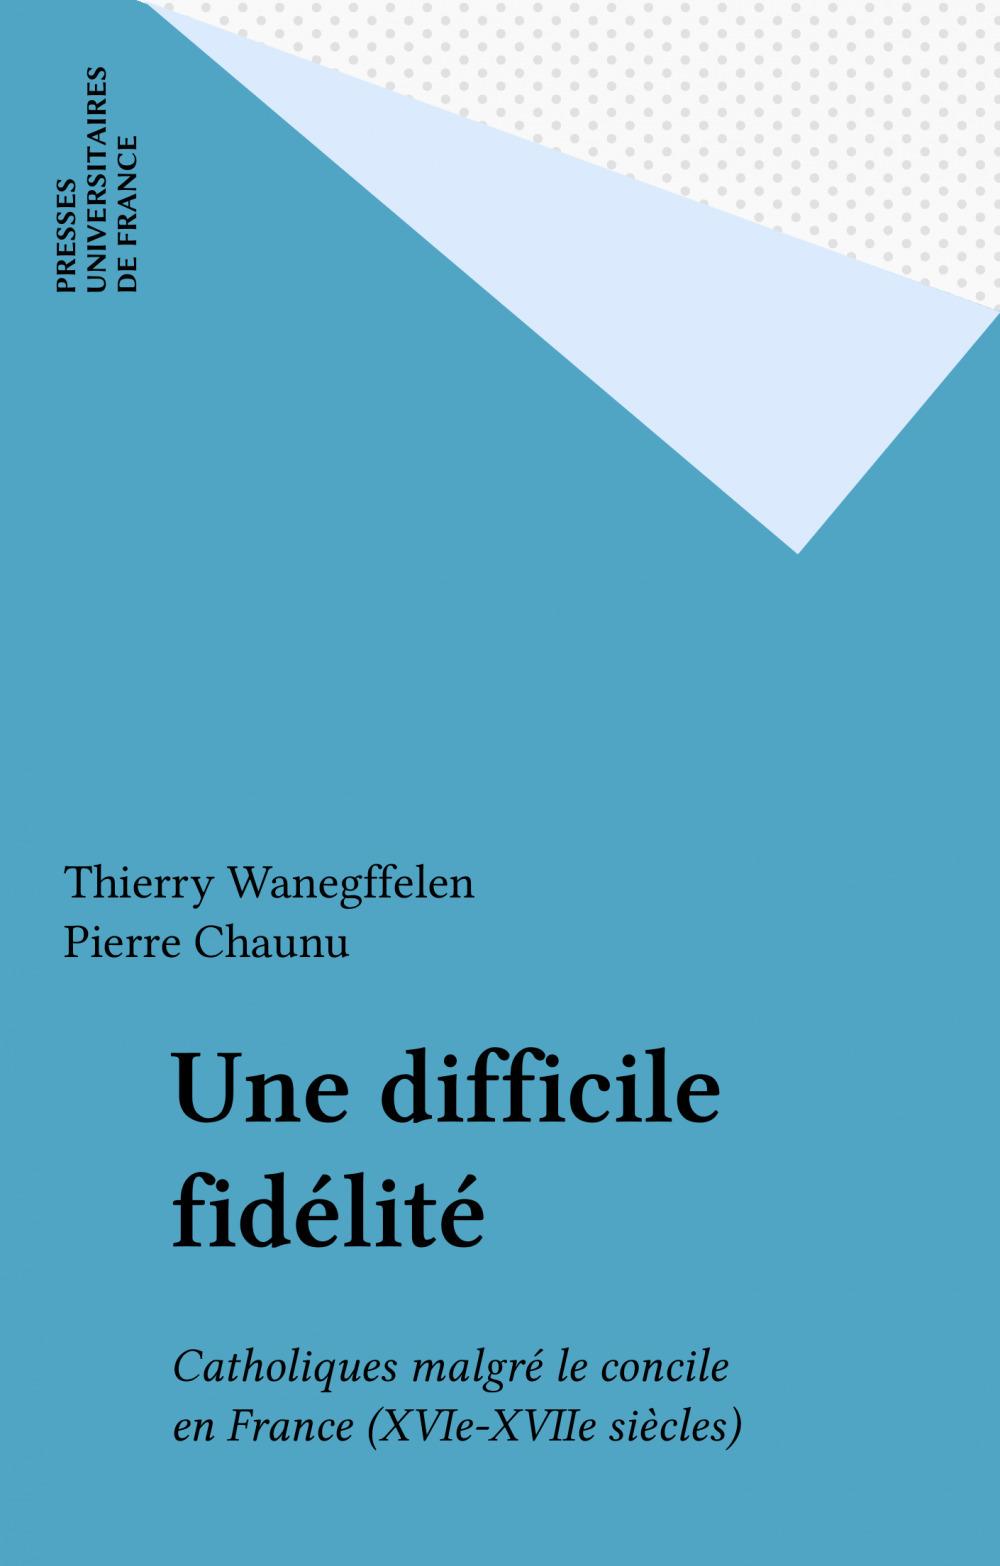 Une difficile fidélité ; catholiques malgré le concile de France XVIe-XVIIe siècles